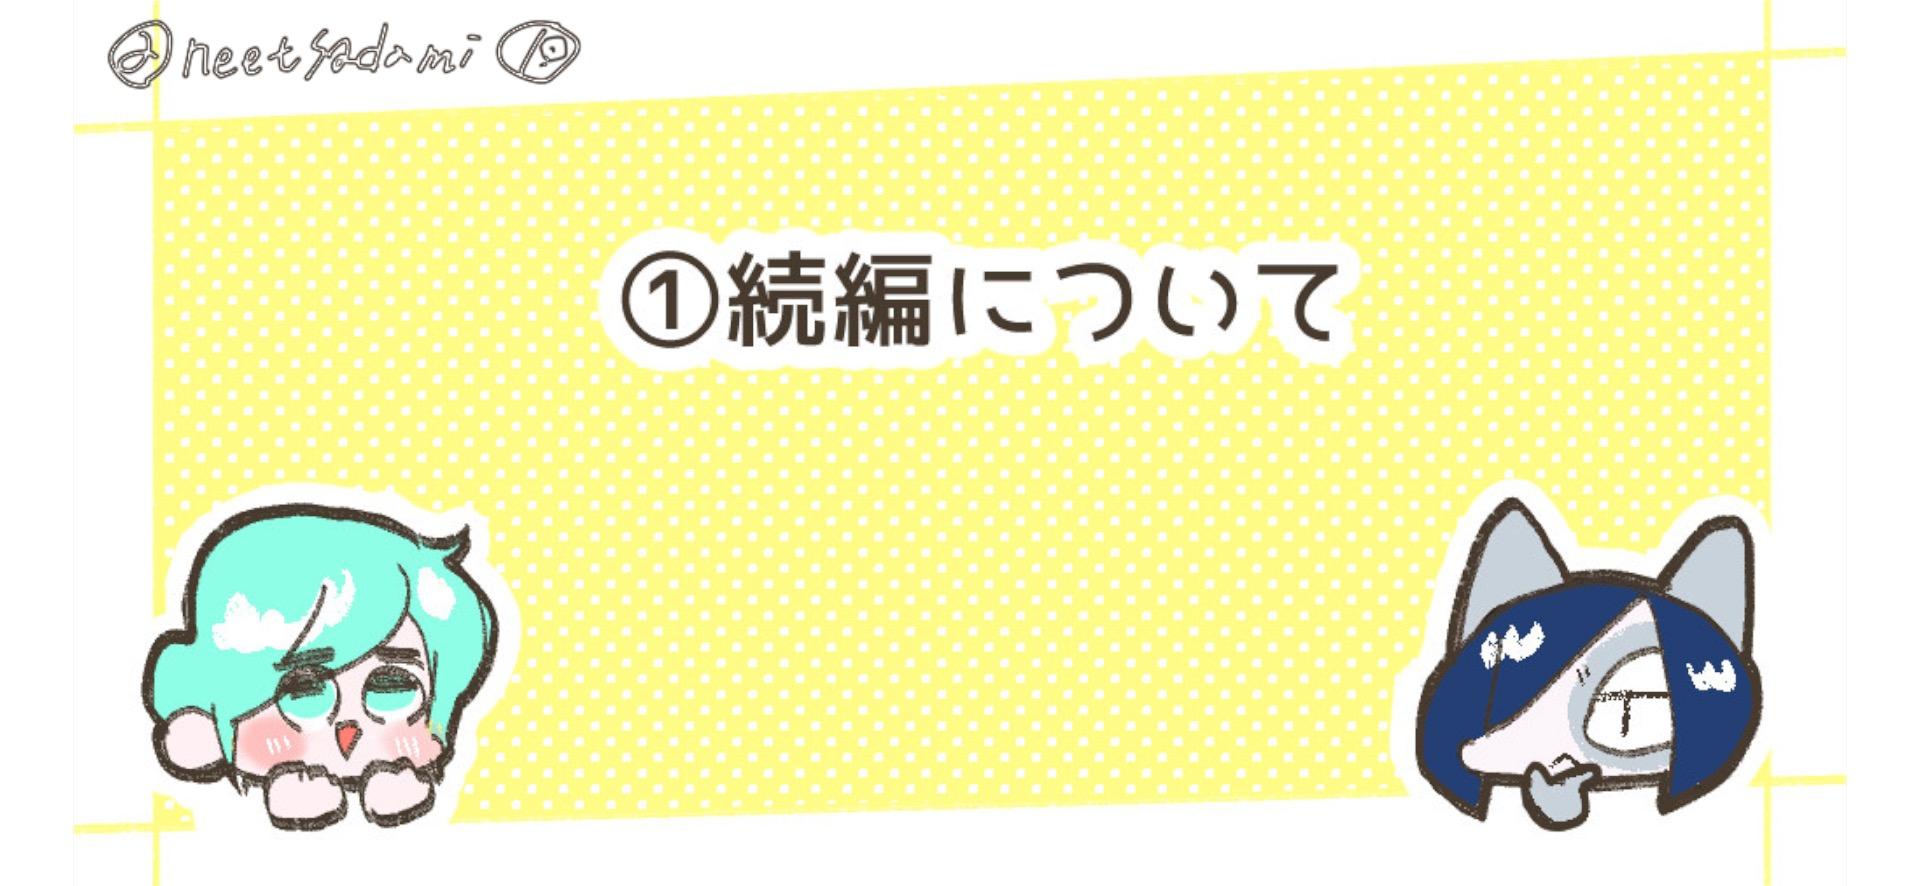 neetsadami.com_7話02